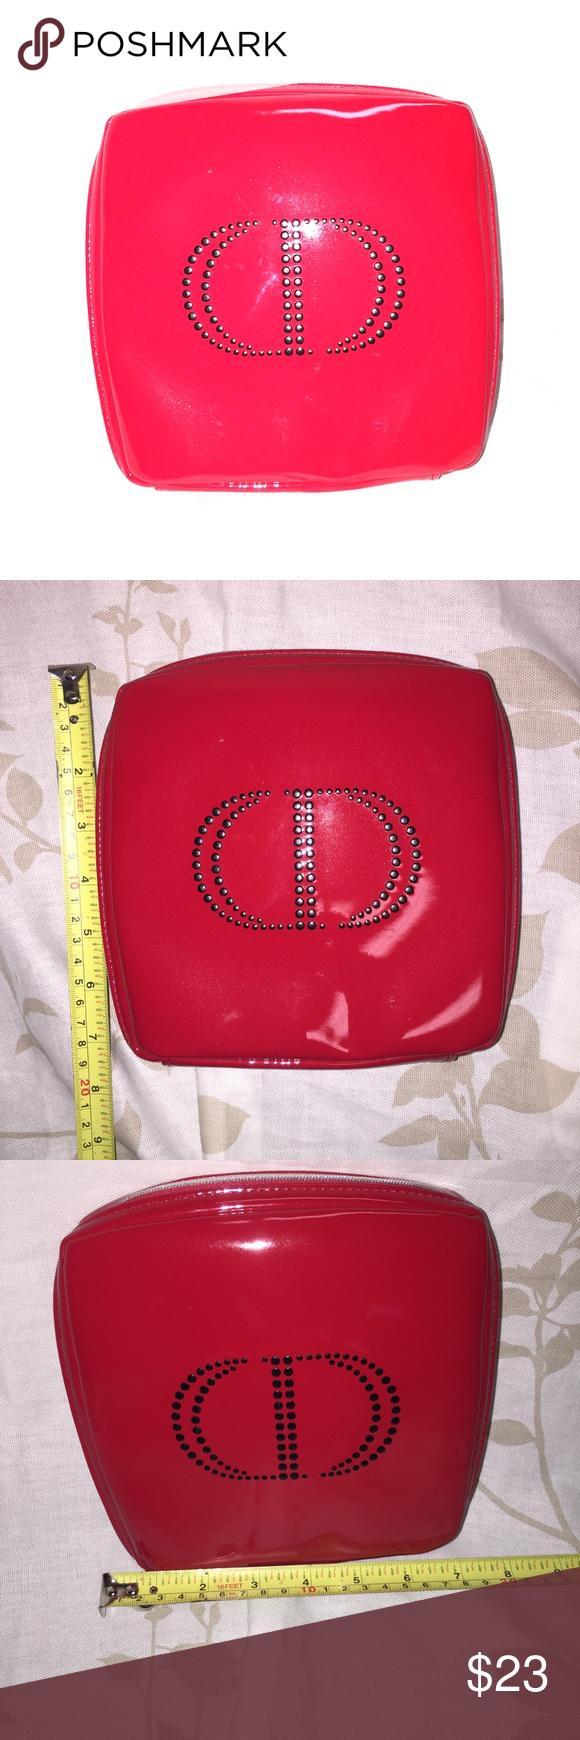 NWOT Dior Beauté 💅 Red Cosmetics Makeup Bag💄 Bags, Dior